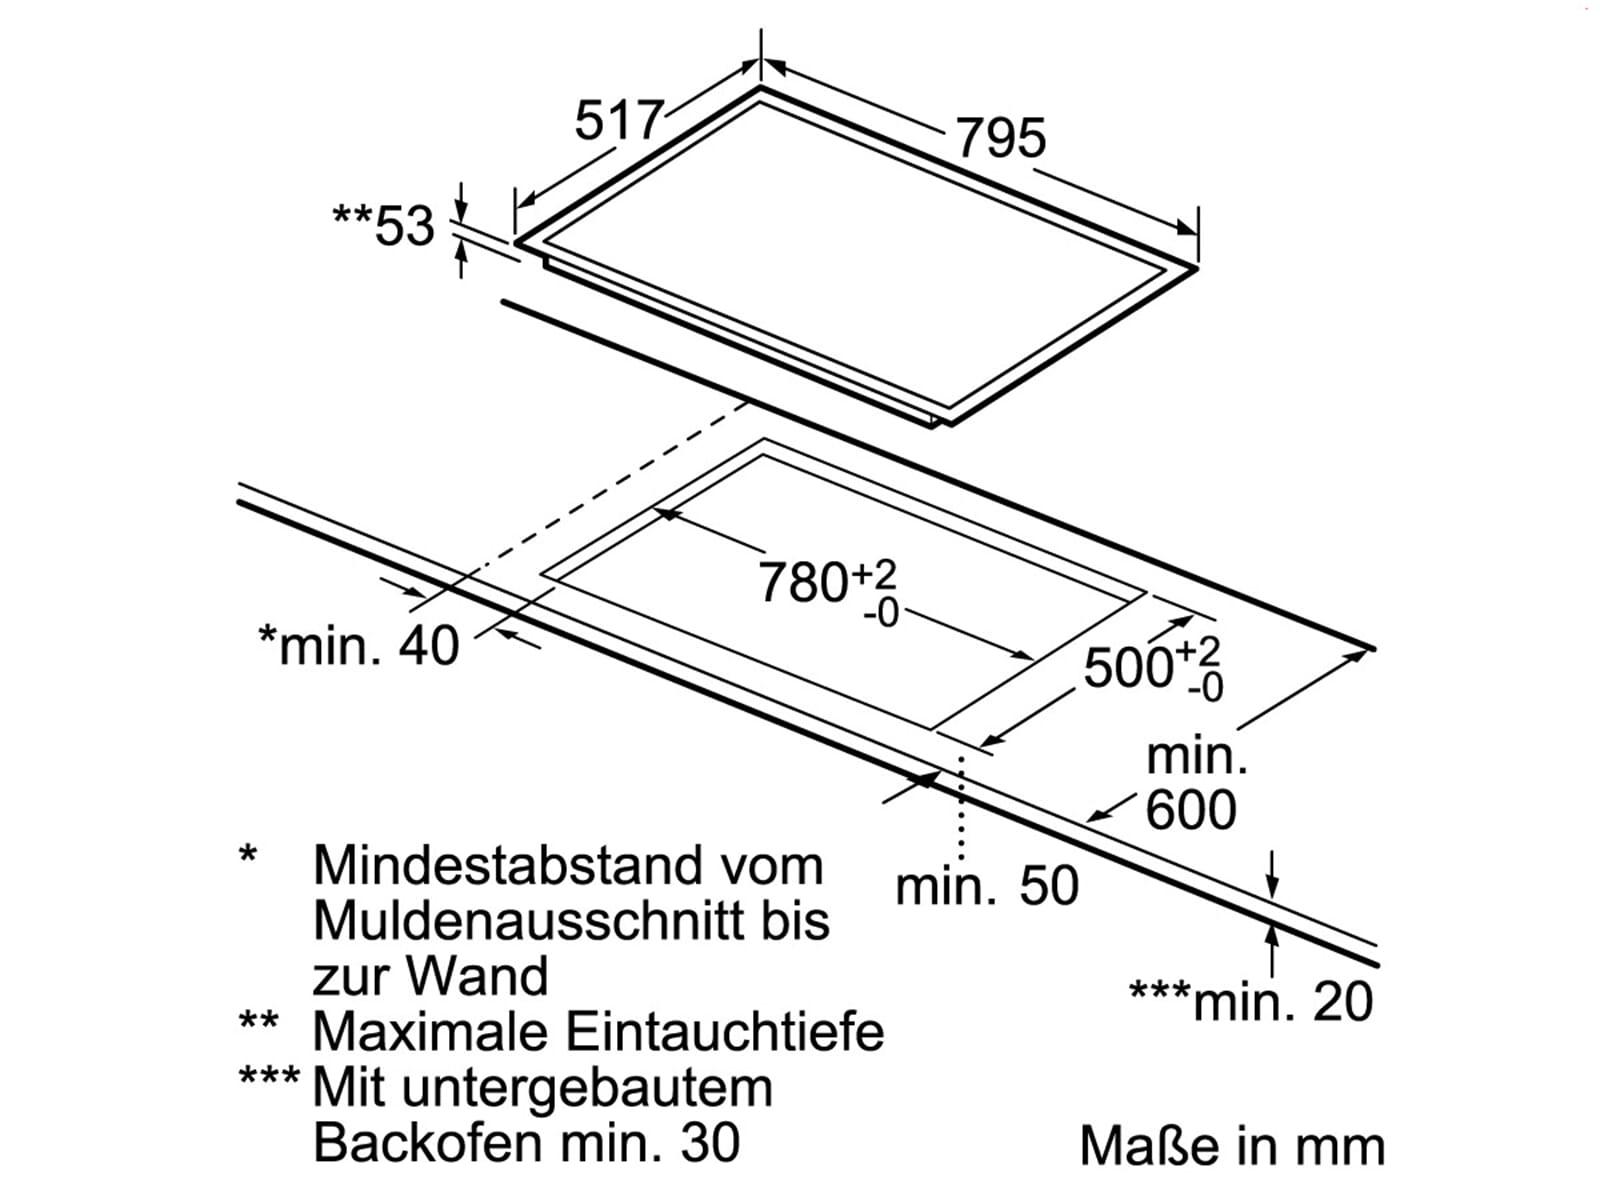 siemens eq2z066 set pyrolyse backofen hb673g0s1 induktion kochfeld. Black Bedroom Furniture Sets. Home Design Ideas